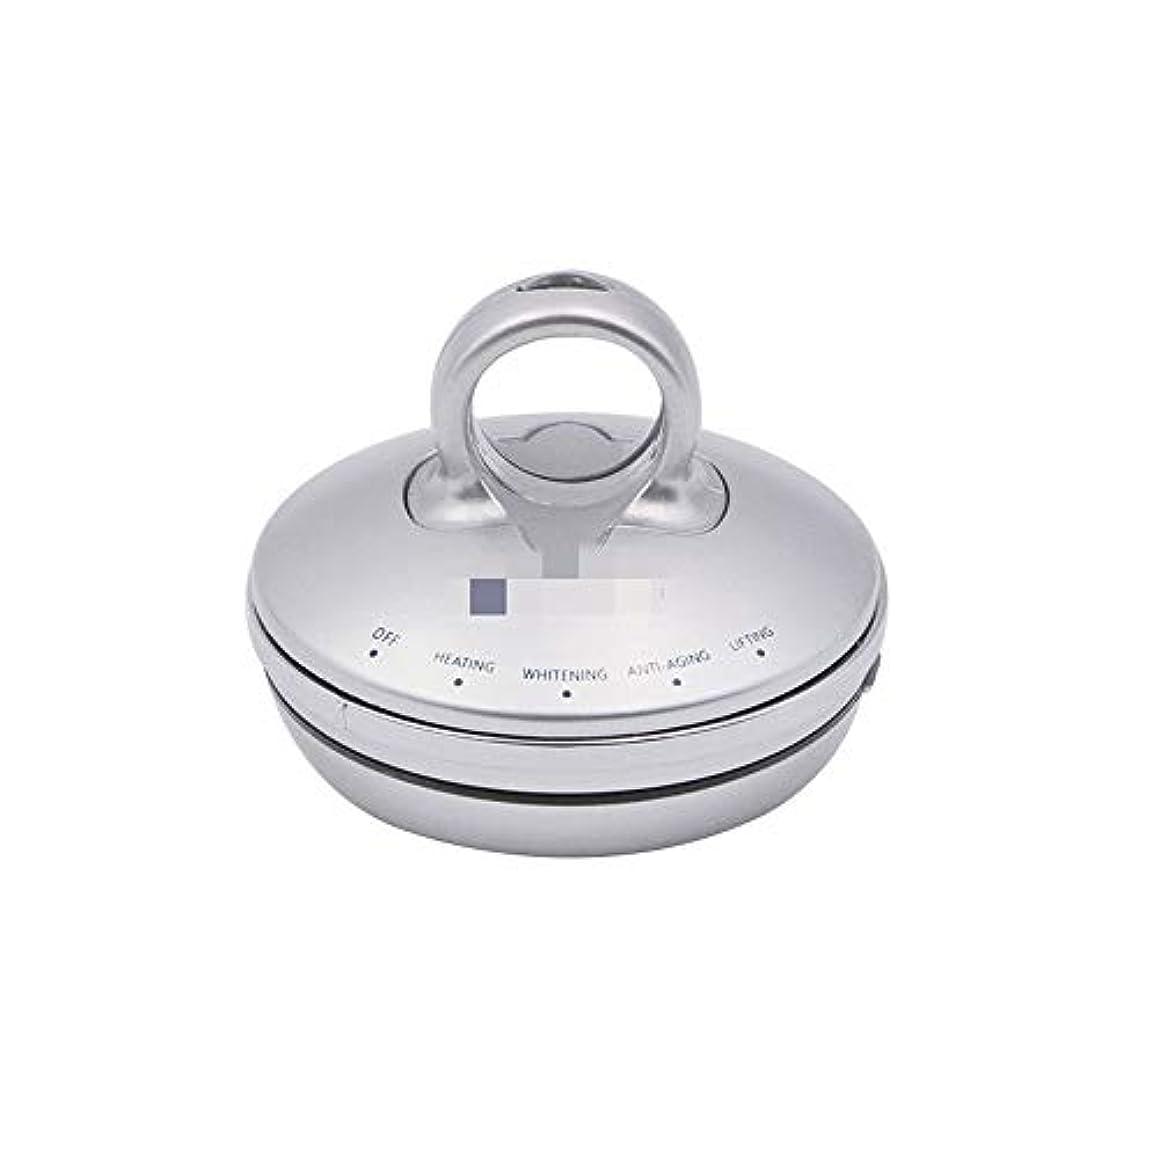 地上で無視できる味付けLYgMV イオン導入フェイシャルビューティー機器家庭用電気クレンジング器具フェイシャルケアマッサージ